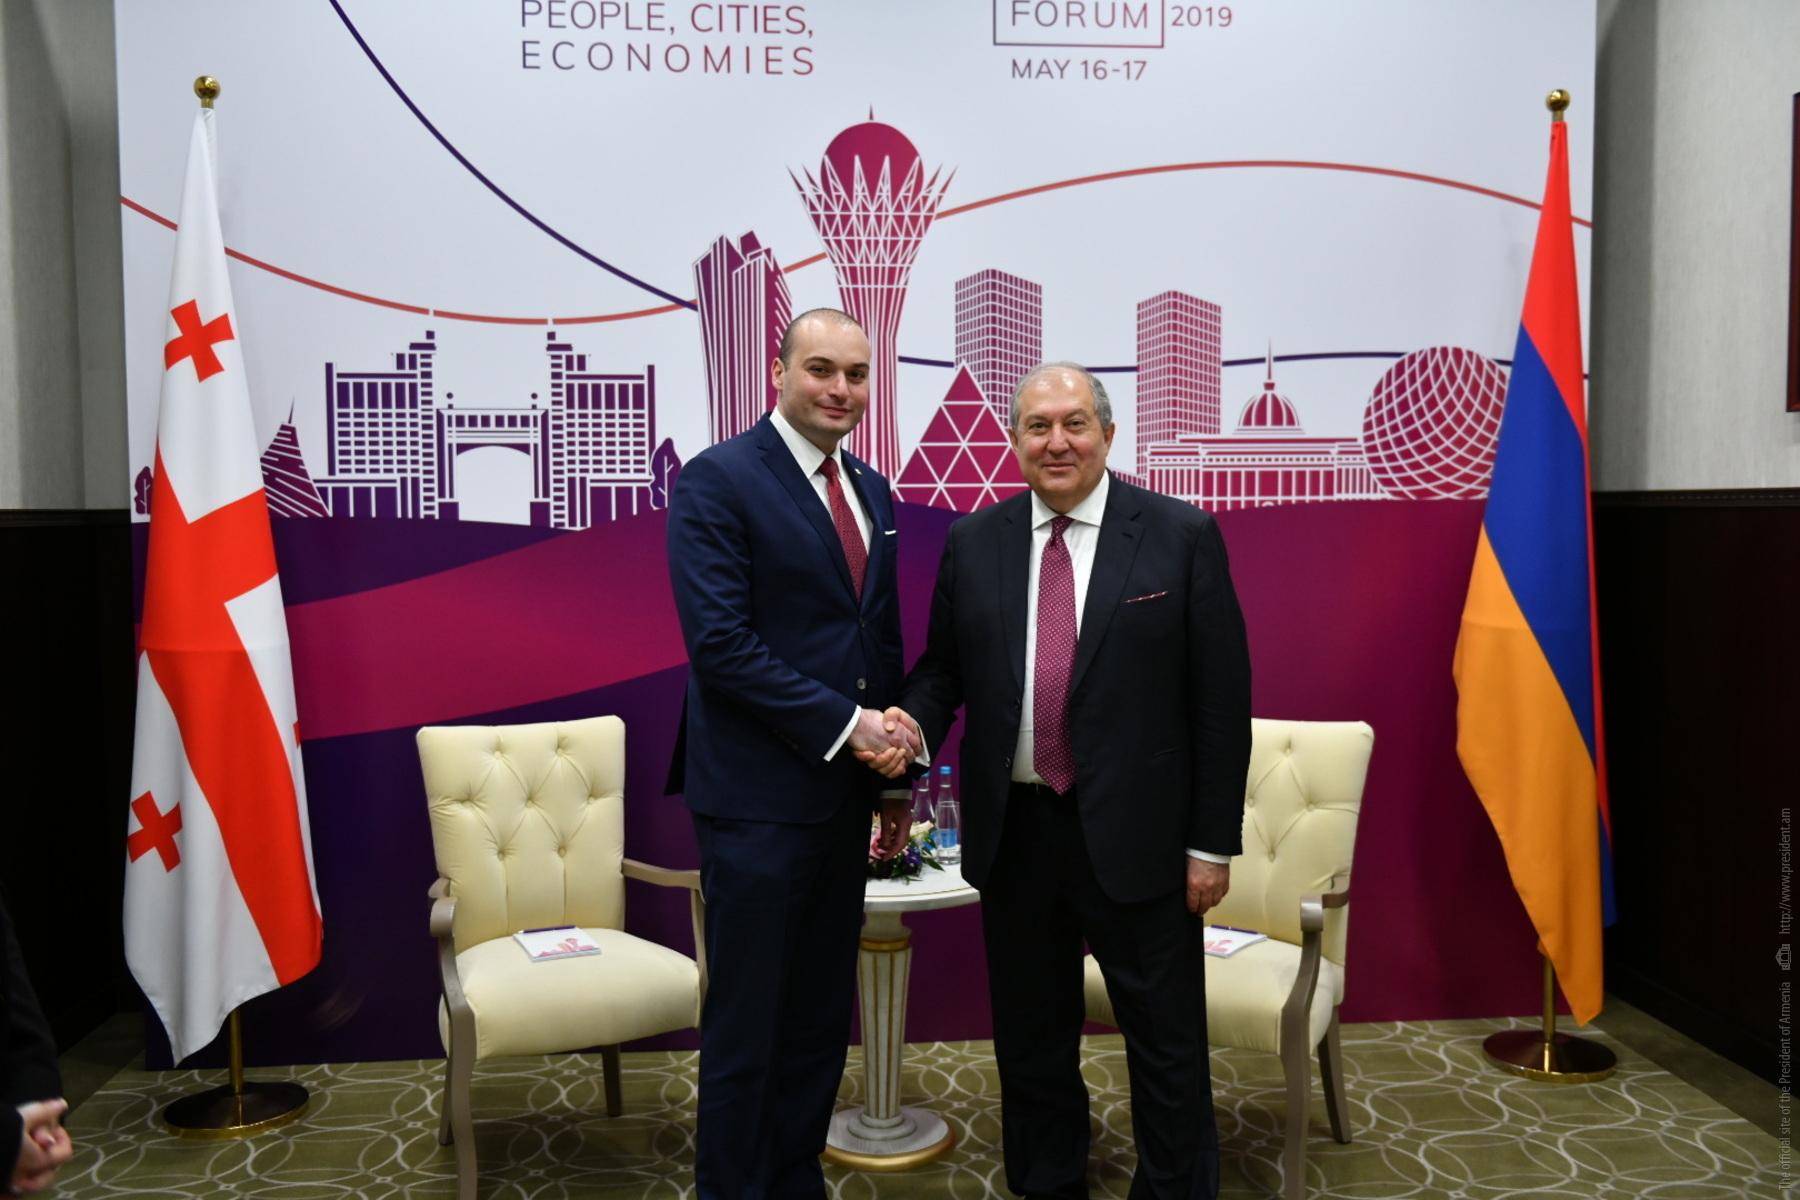 У армяно-грузинских отношений большой потенциал развития: президент Армении встретился с премьер-министром Грузии